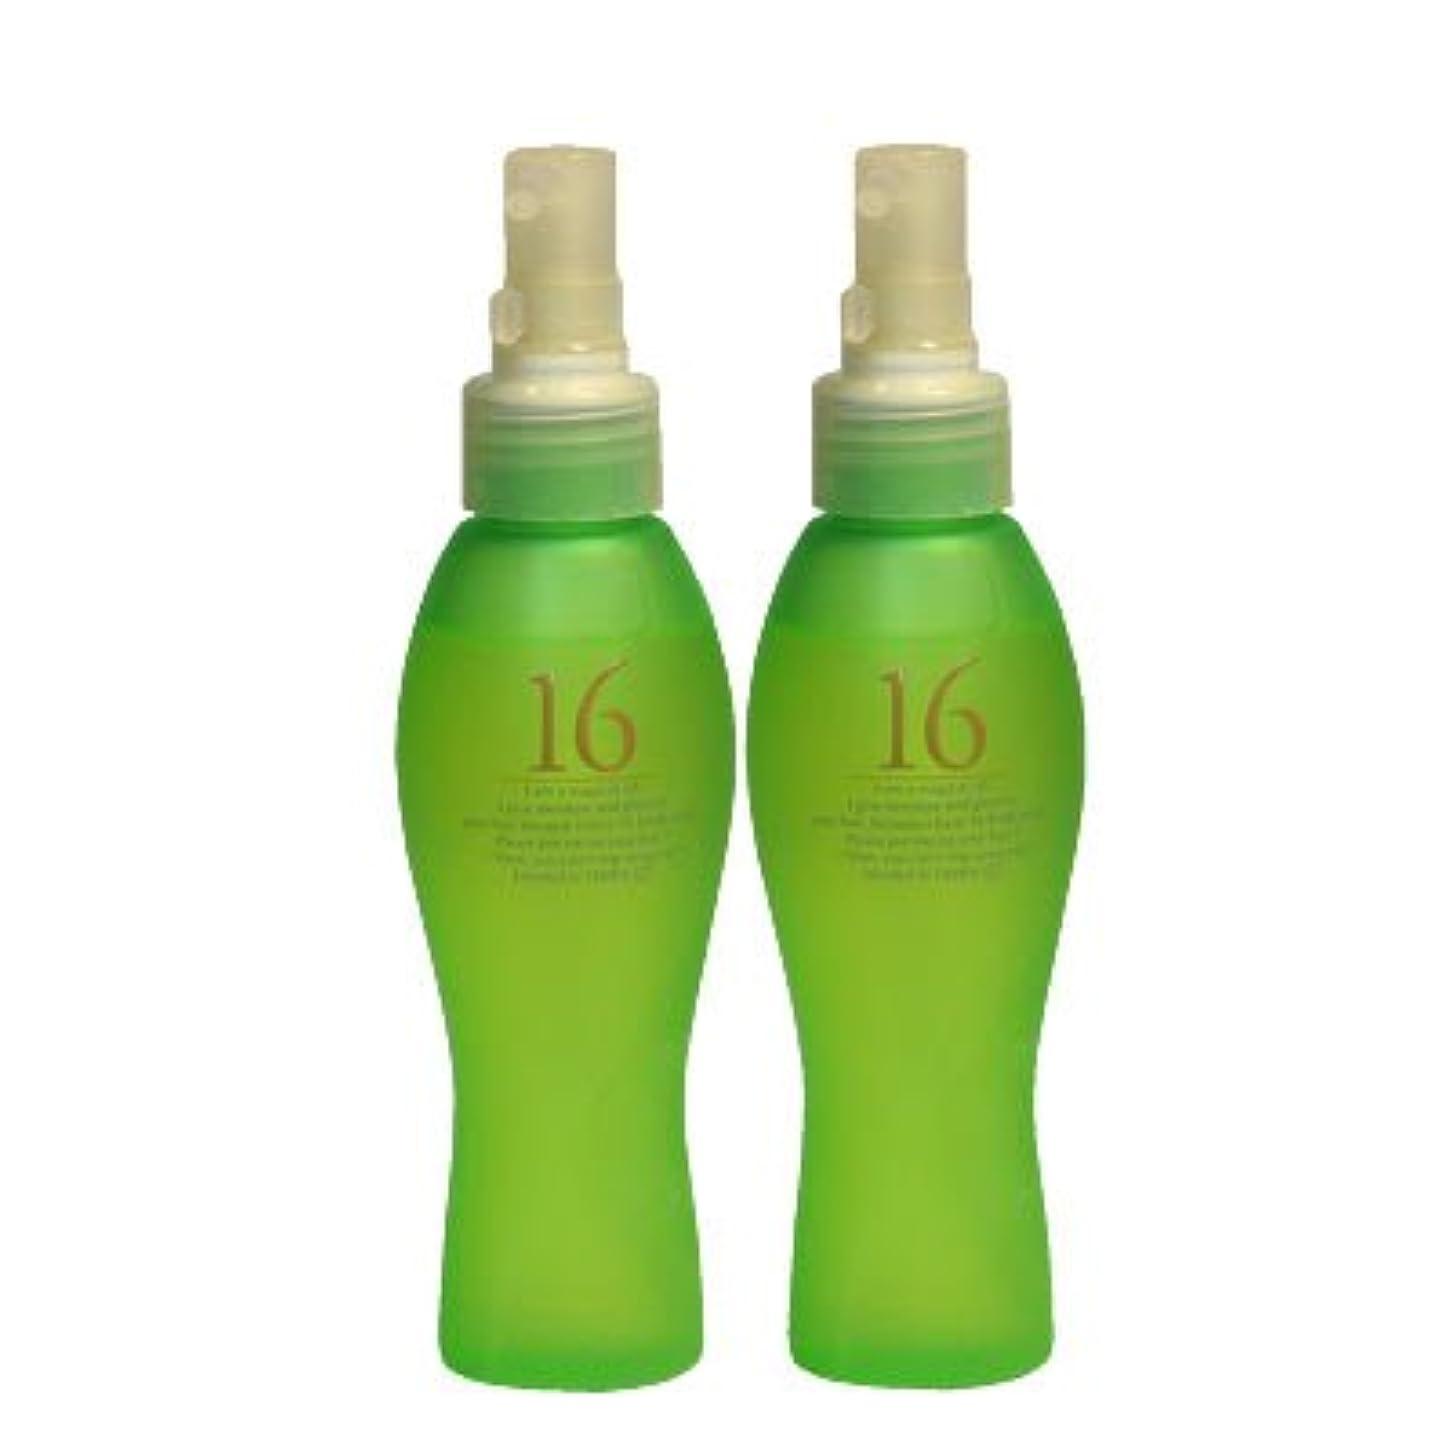 無駄に従事した適応的ヘアオイル【ハホニコ】十六油 120ml【2個セット】